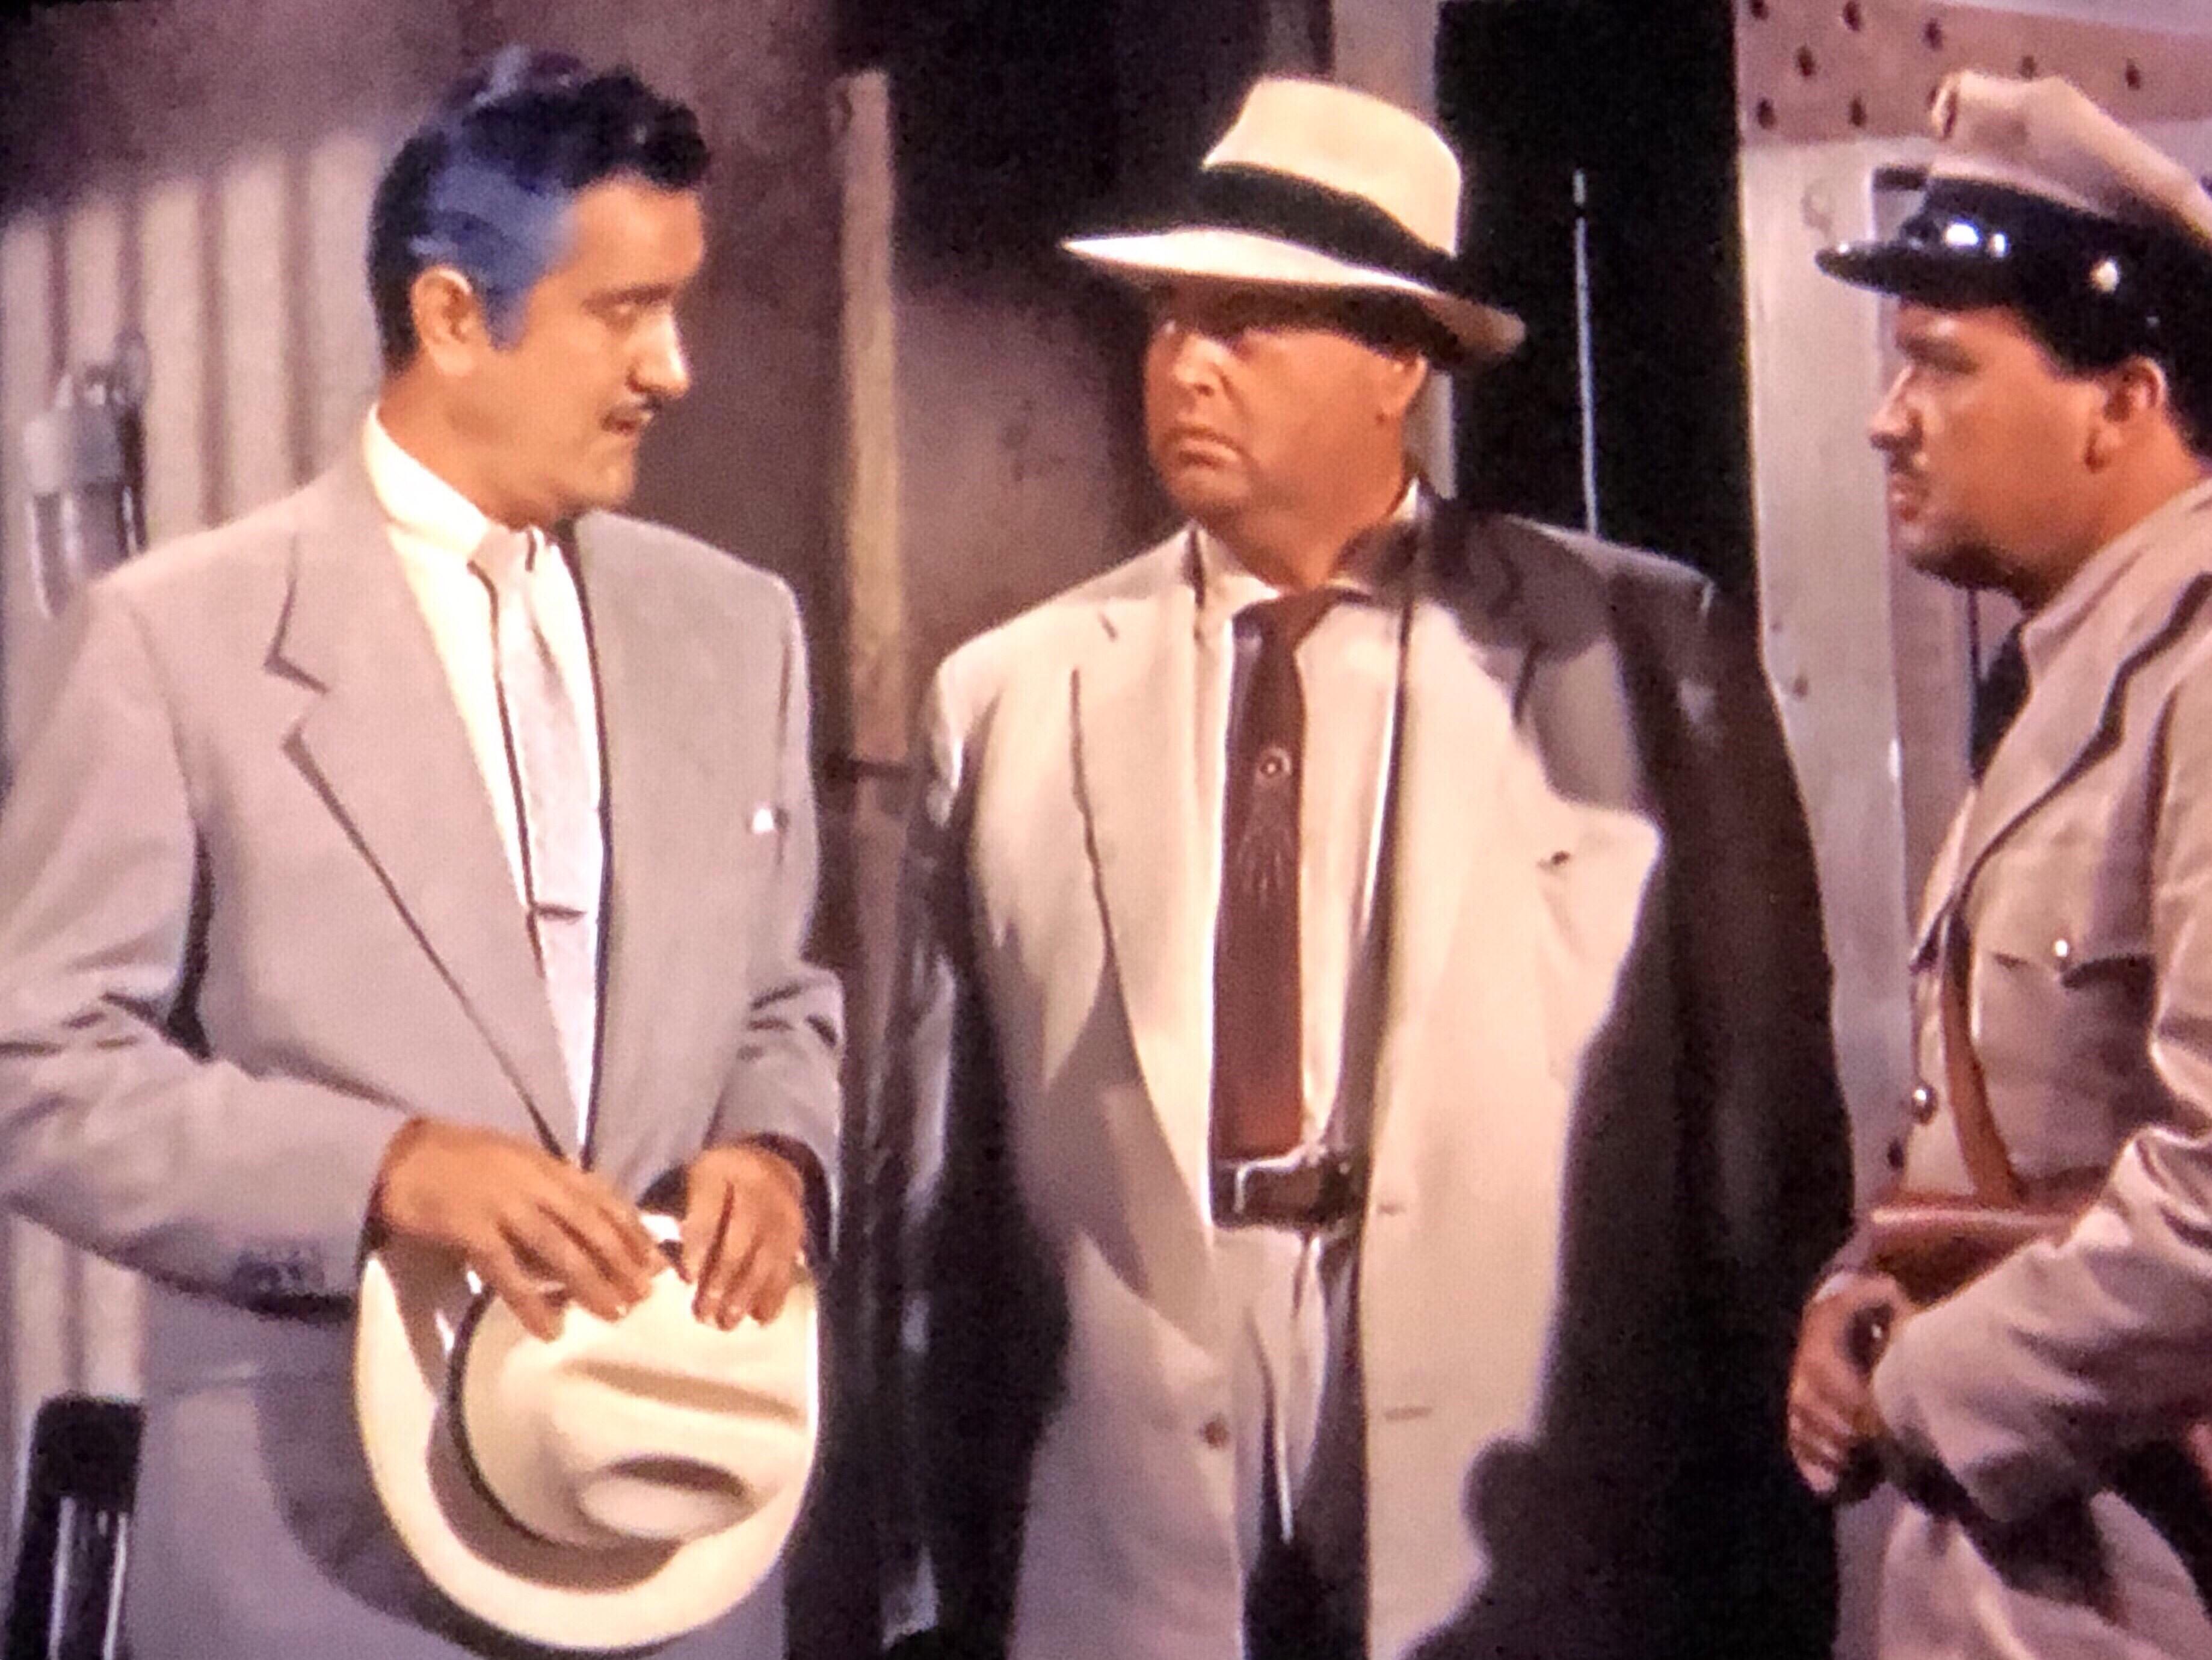 Jack Littlefield, Jack Reitzen, and Robert Tafur in Adventures of Superman (1952)